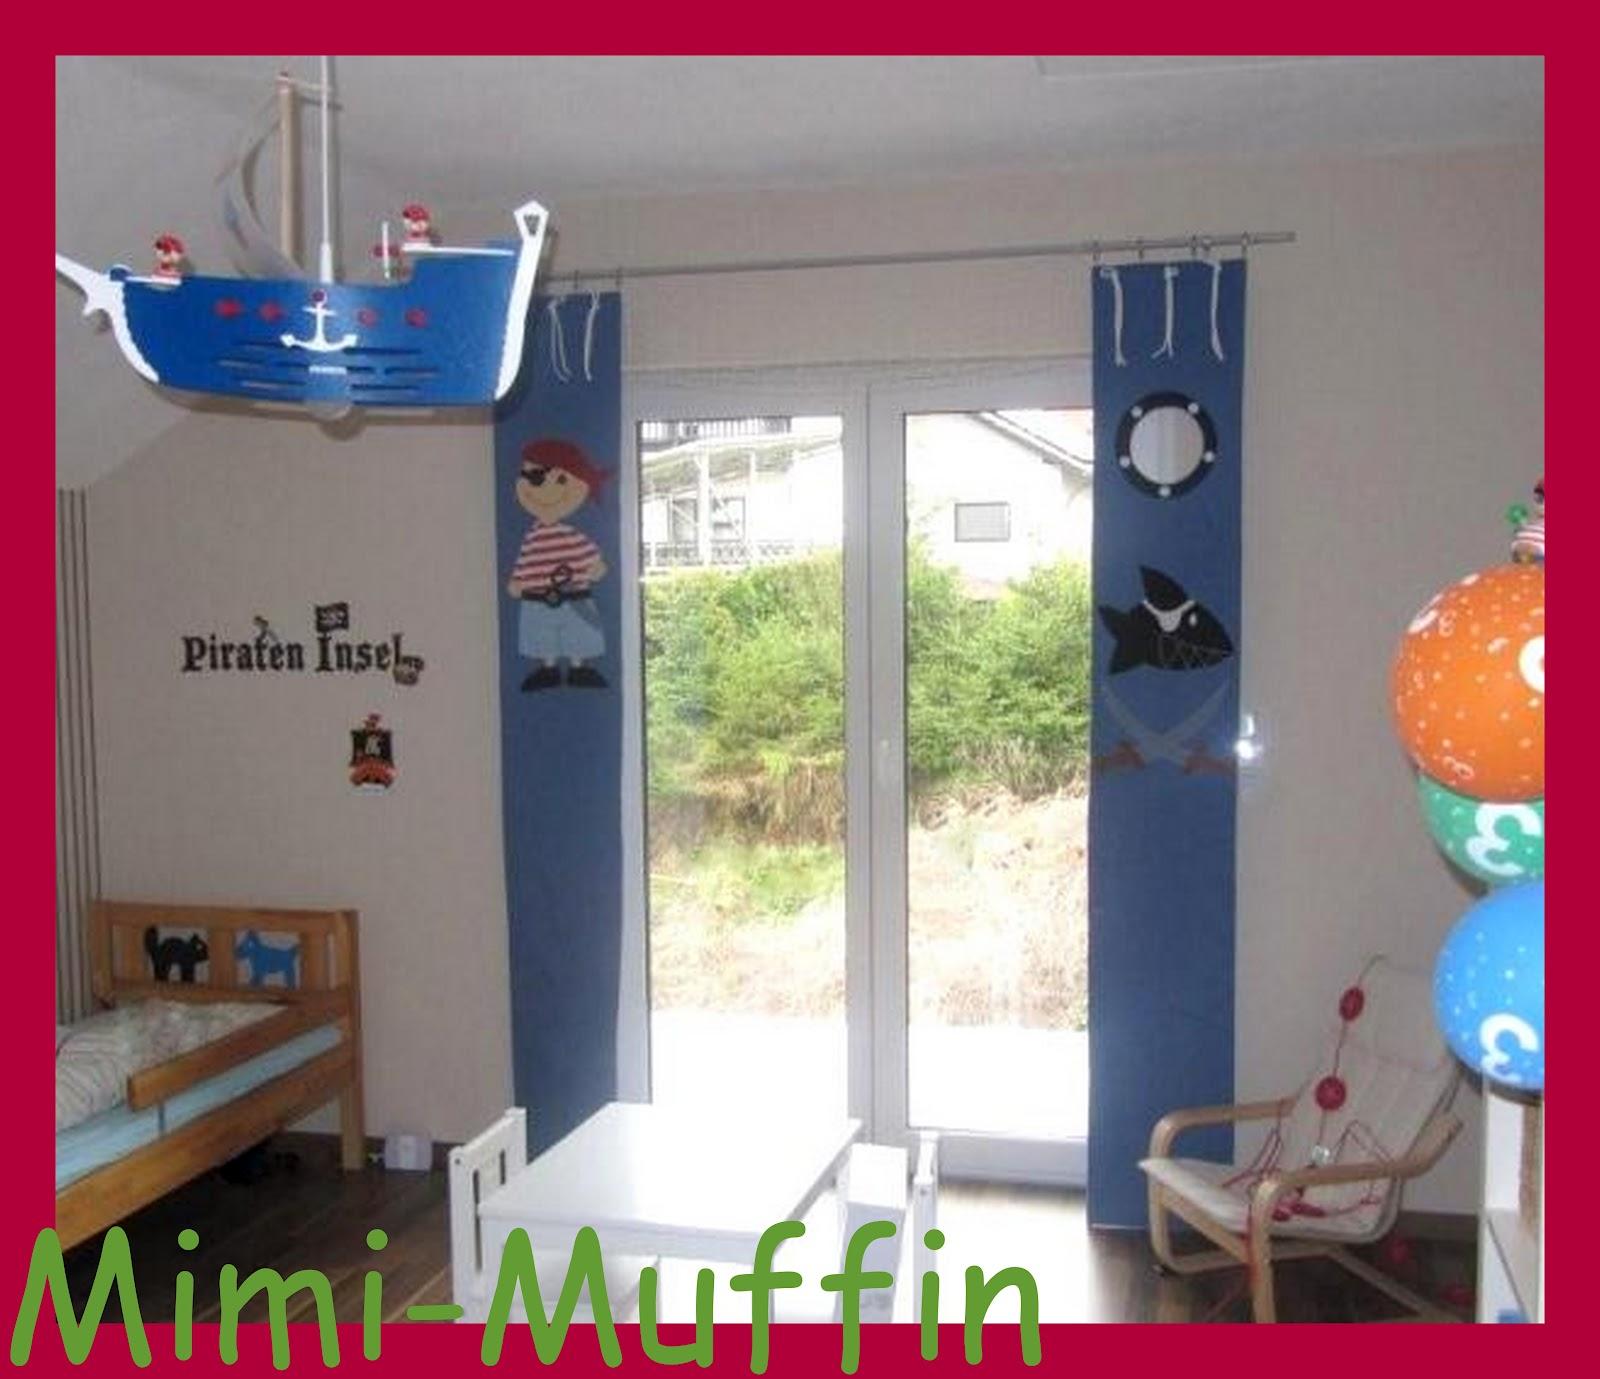 Mimi muffin piratenzimmer die 2te - Piratenzimmer deko ...